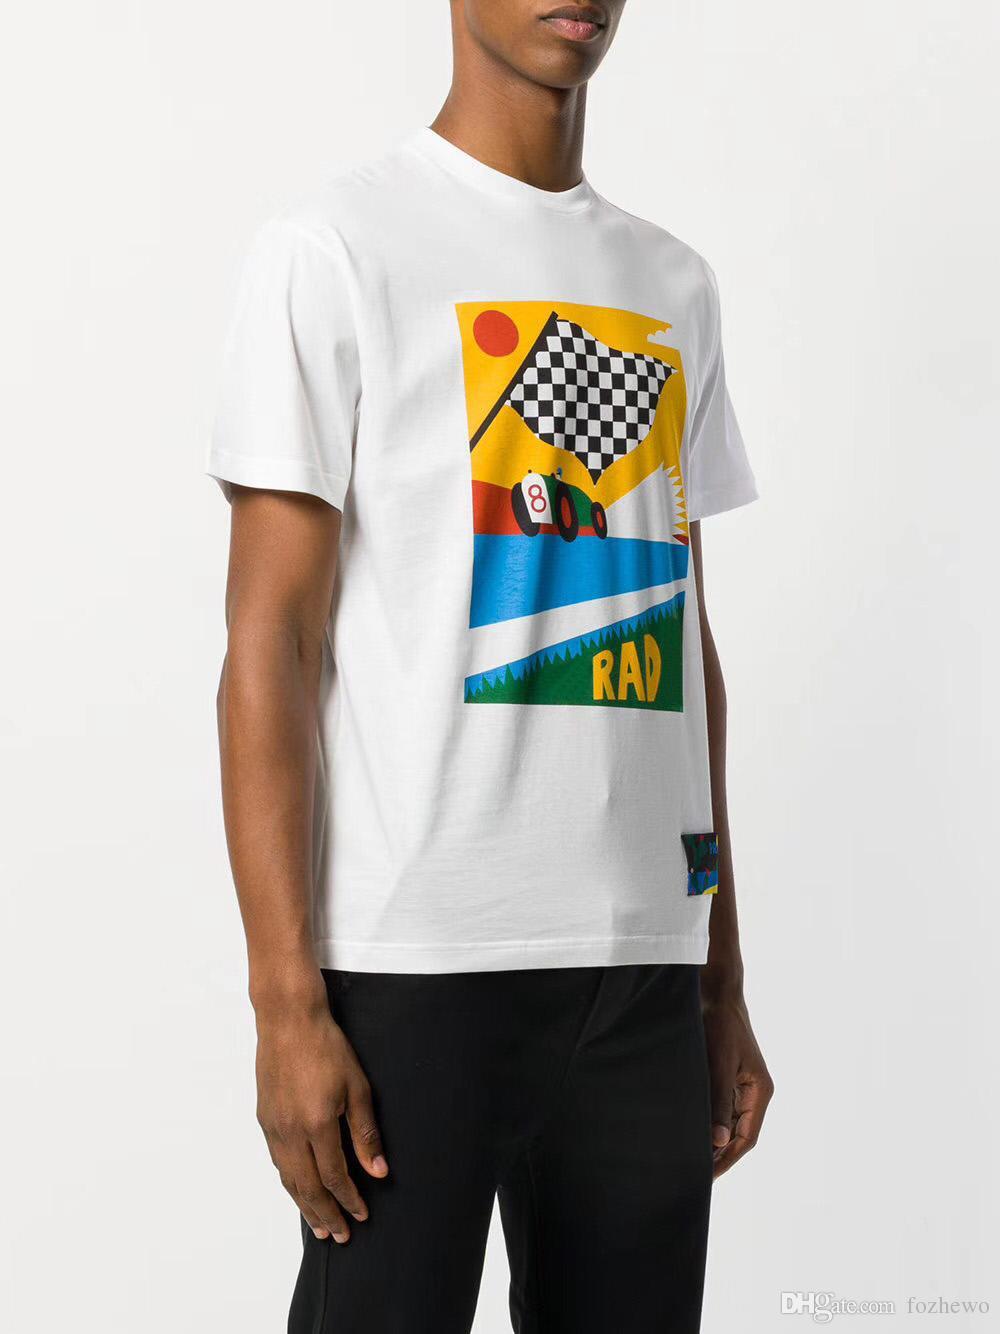 55eab1c4 Men T-shirts Luxury Europe Brand Designer Italy Lady Boat Cacti ...